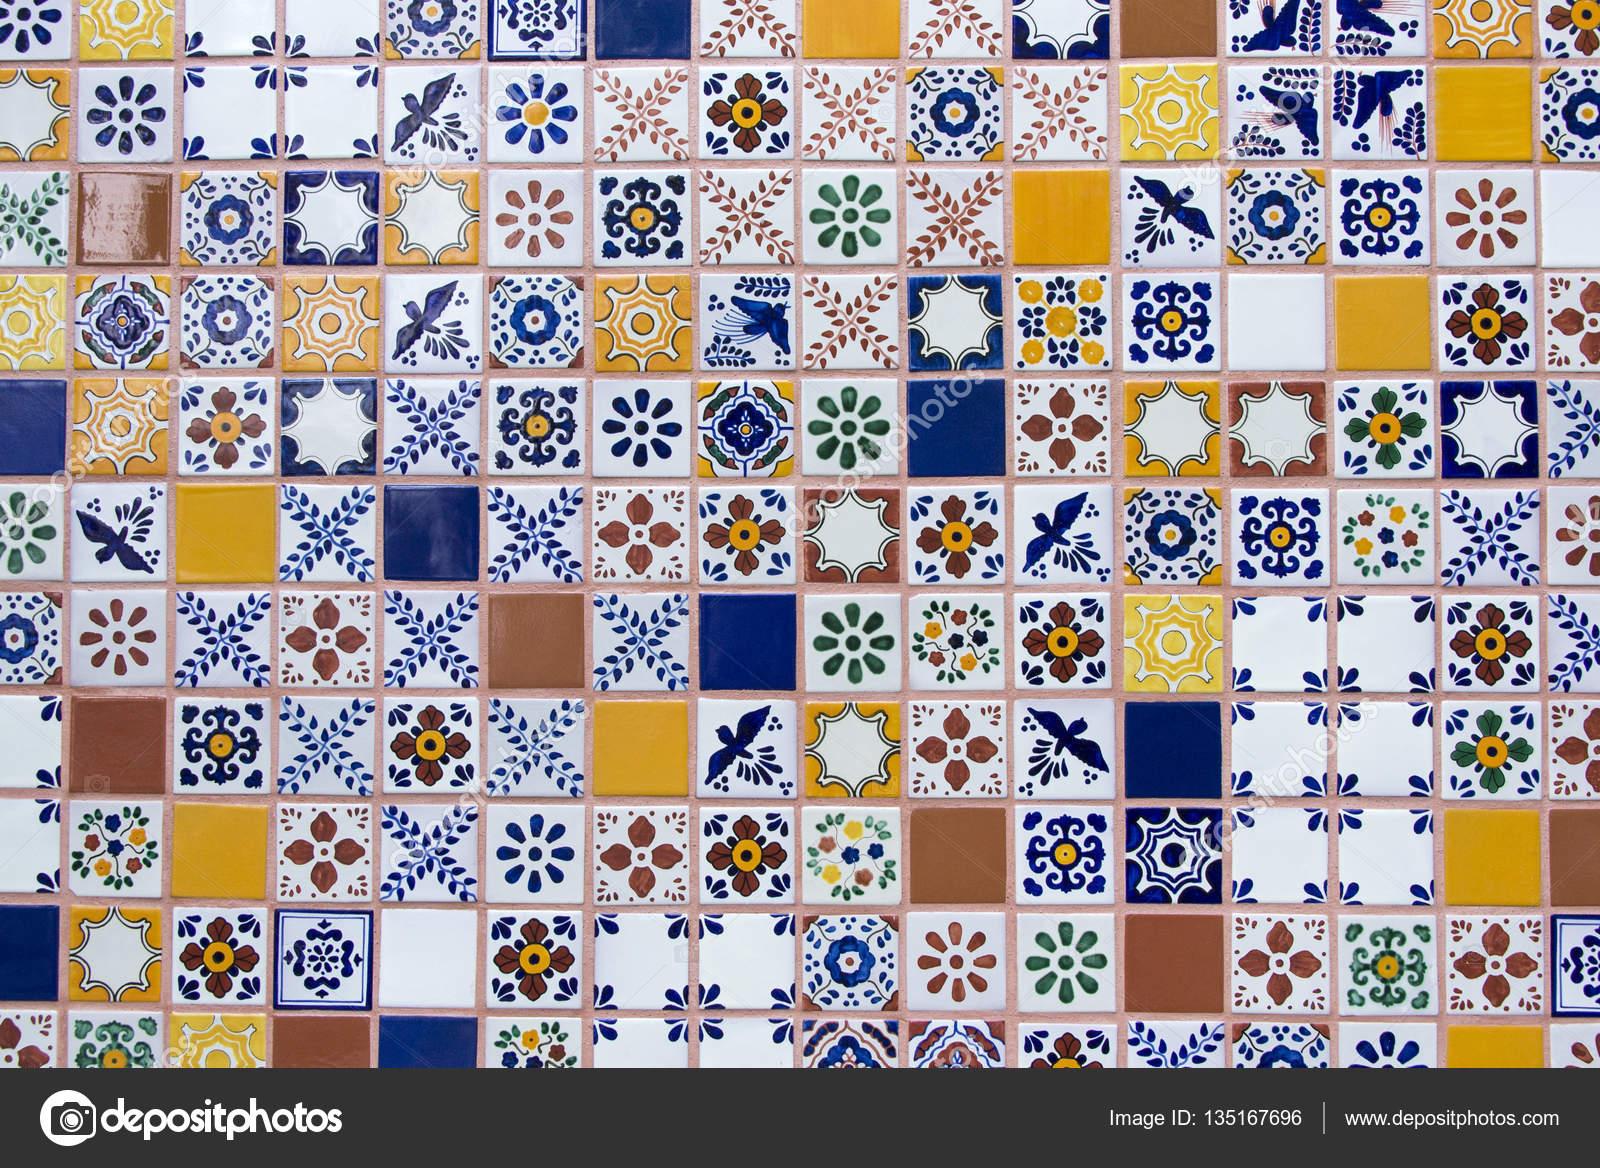 Piastrelle in ceramica fatte a mano messicani u2014 foto stock © ofranz